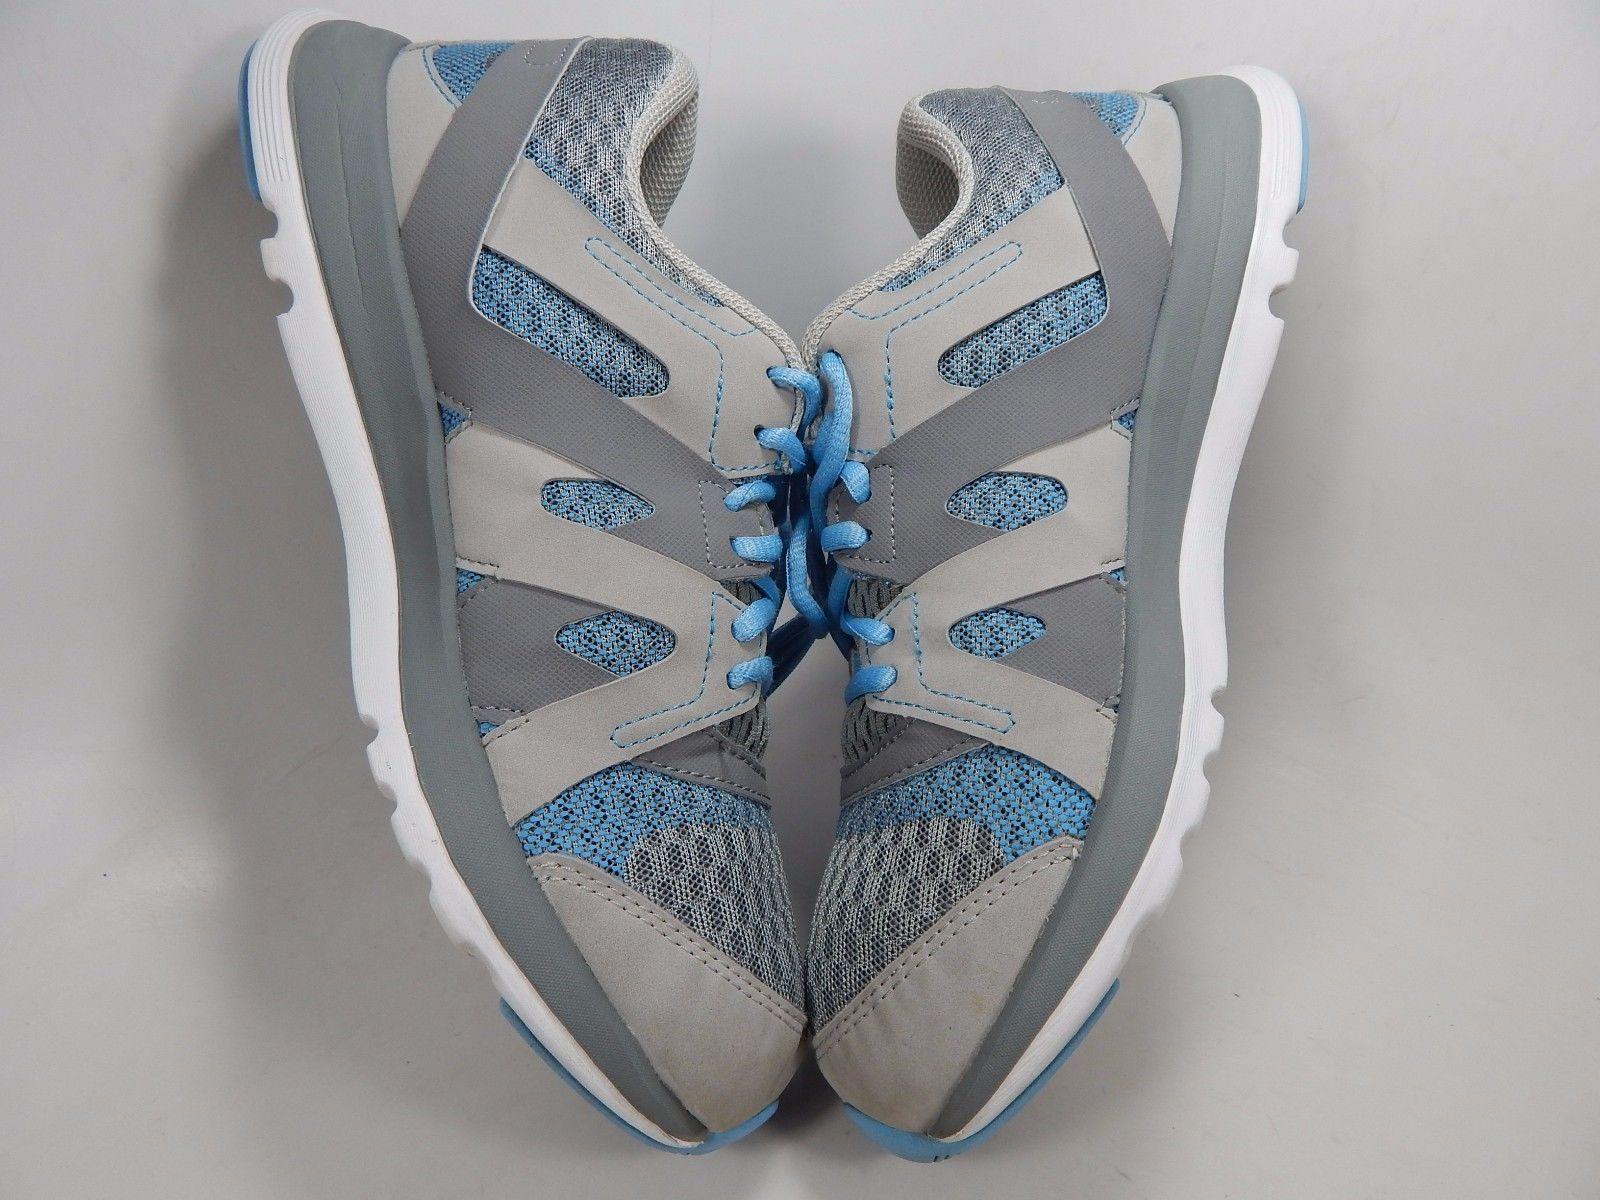 Reebok Sublite Duo Women's Running Shoes Size US 7.5 M (B) EU 38 Gray Blue